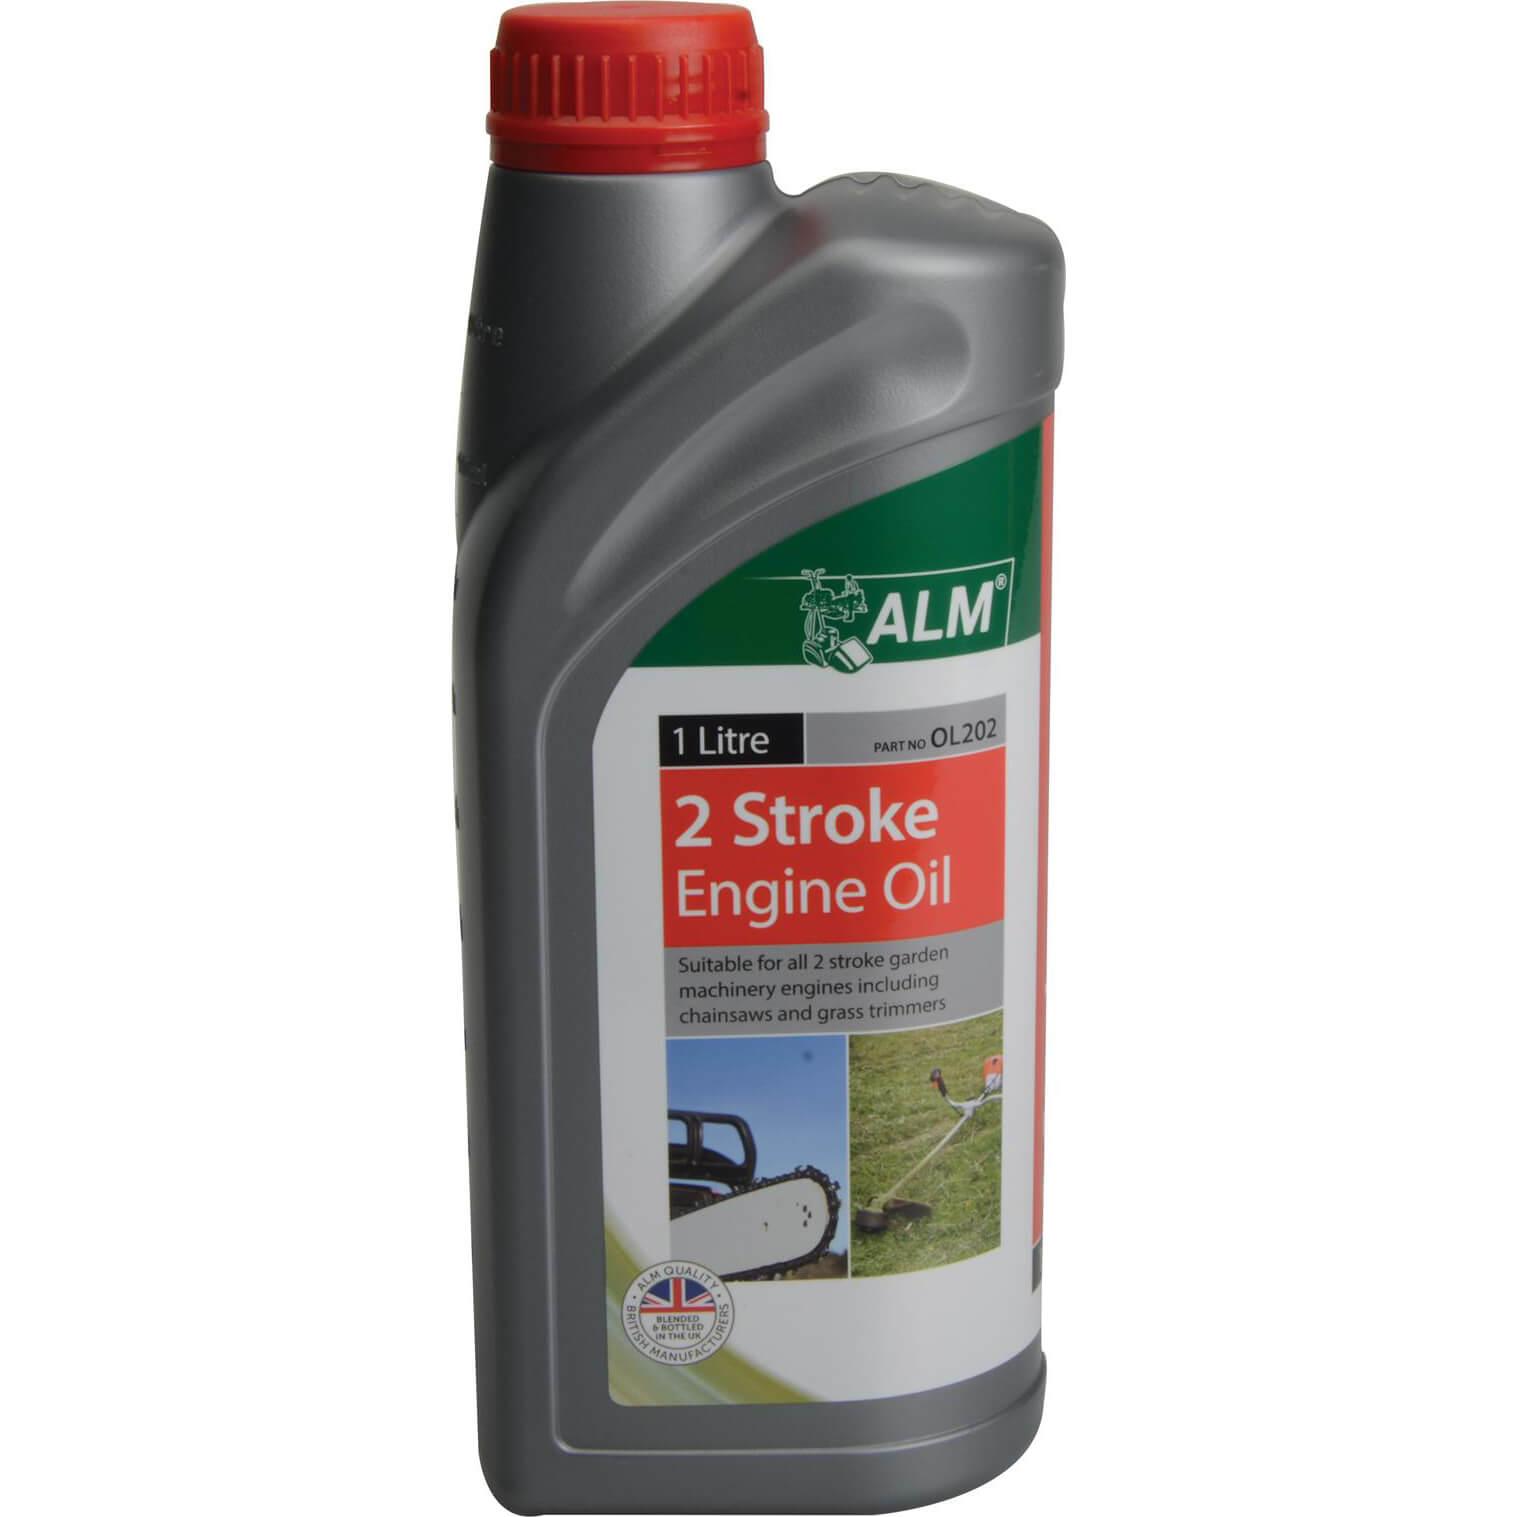 Image of ALM 2 Stroke Oil 1l